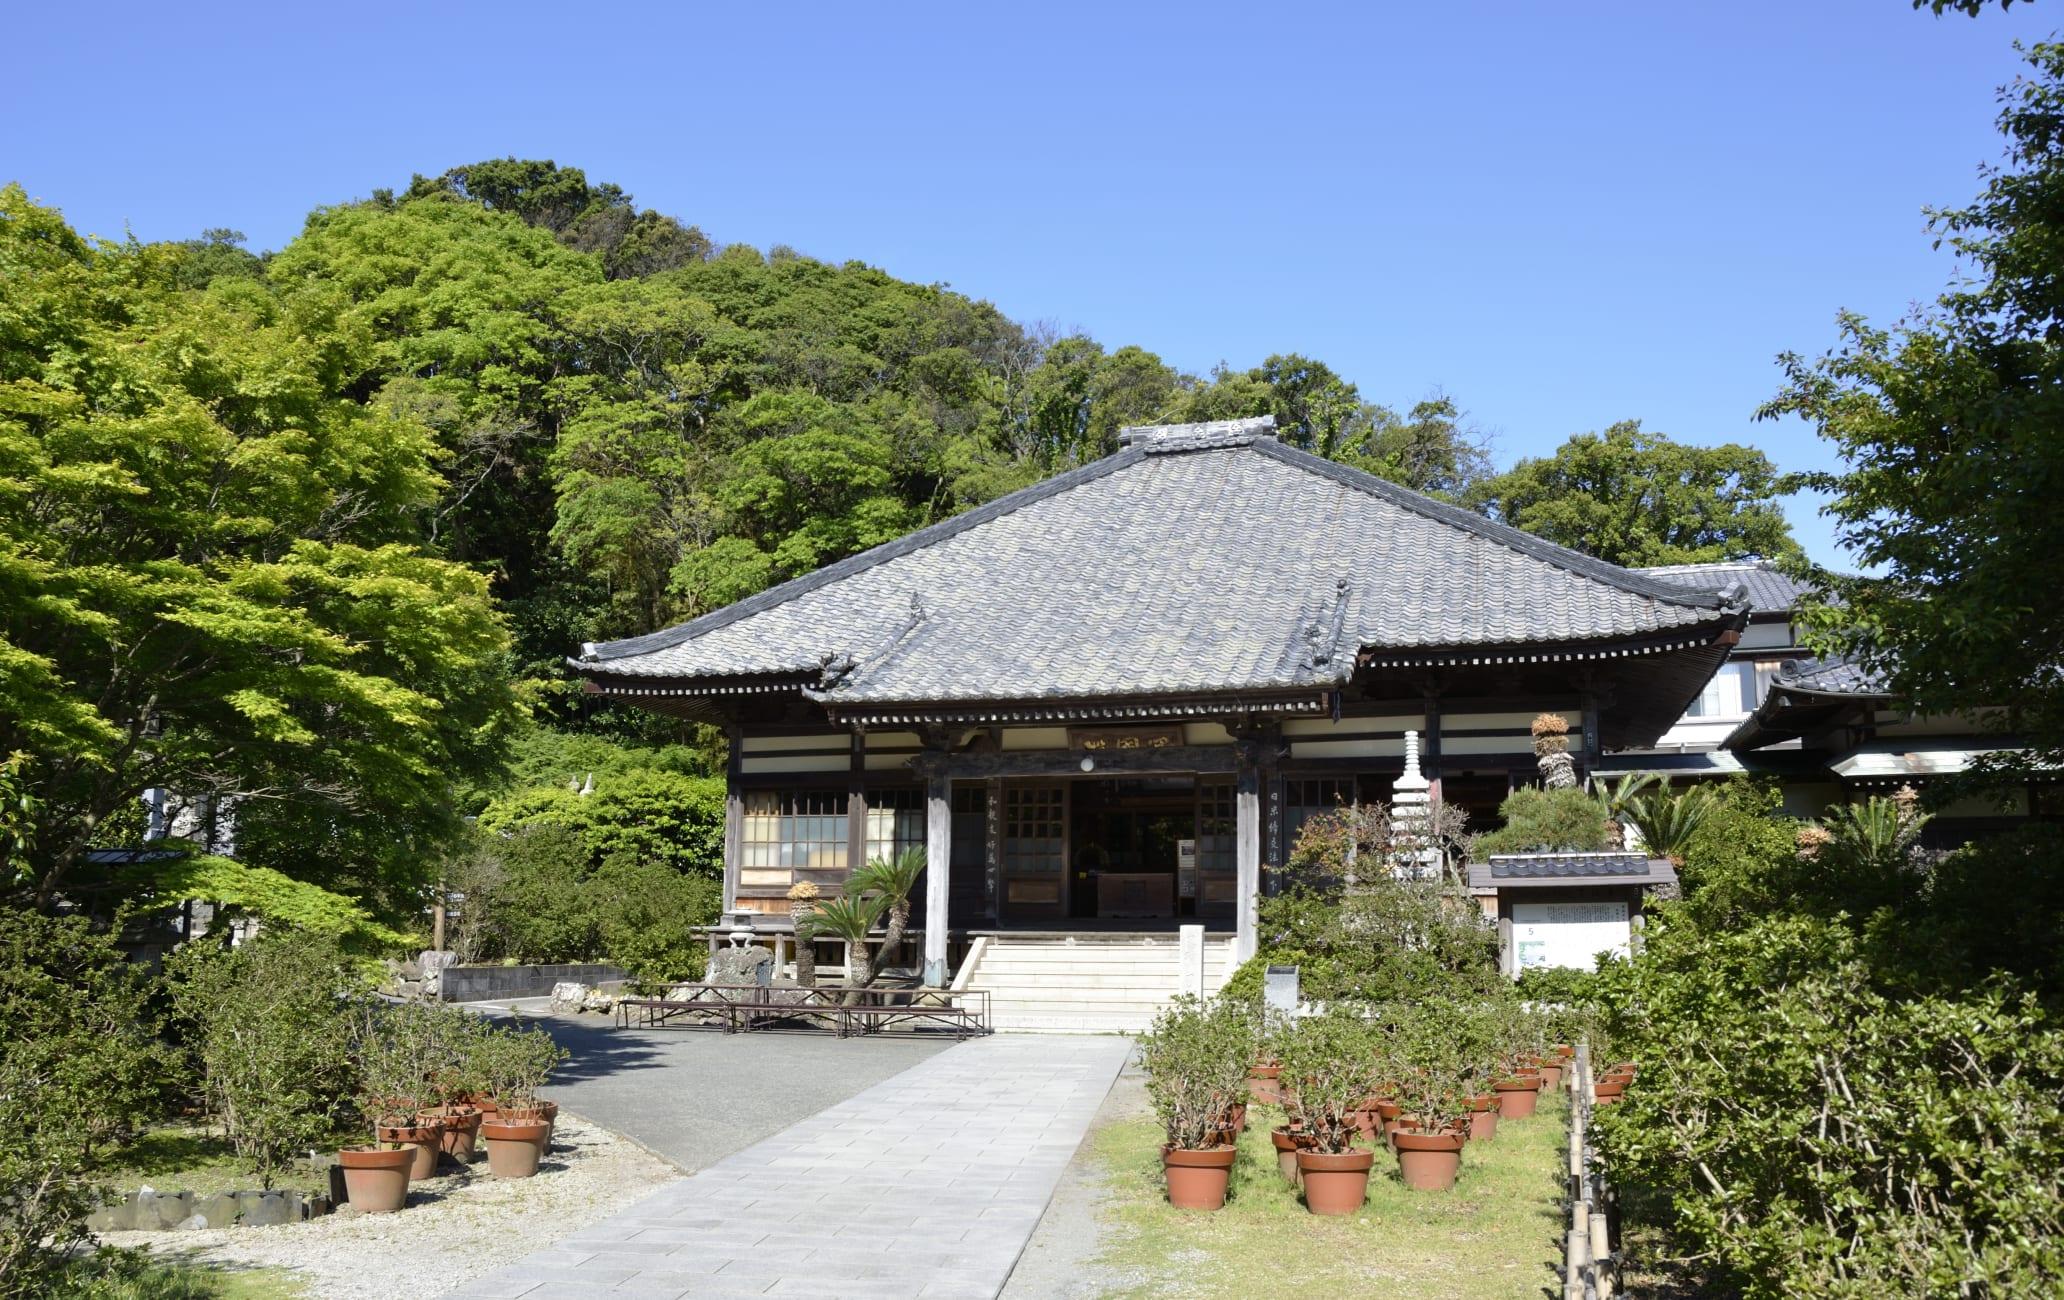 Ryosen-ji Temple